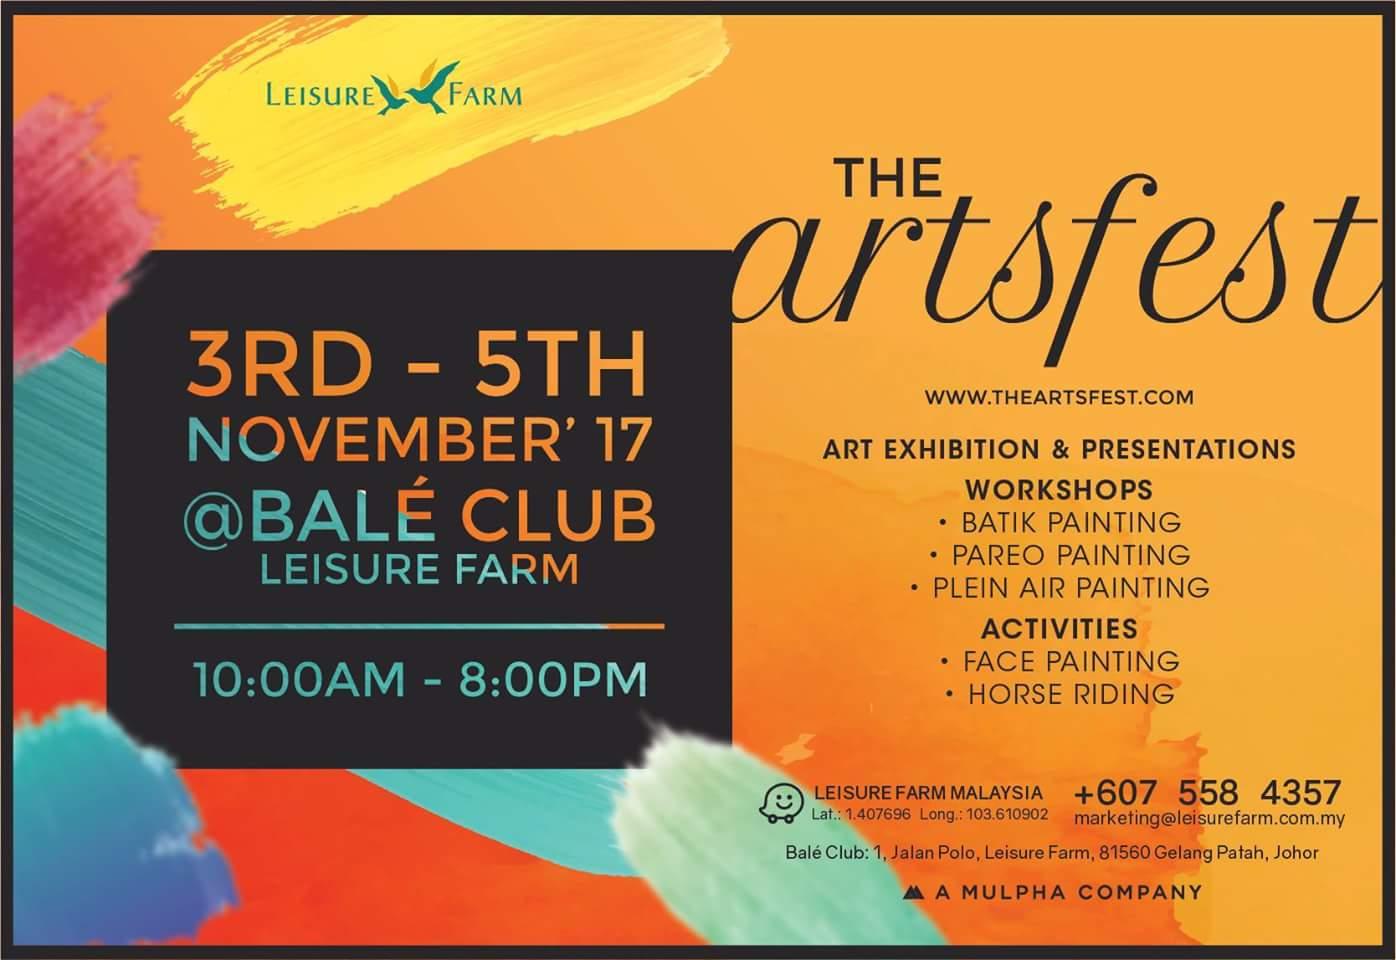 The Arts Fest – 3rd – 5th November '17  | Leisure Farm Gelang Patah